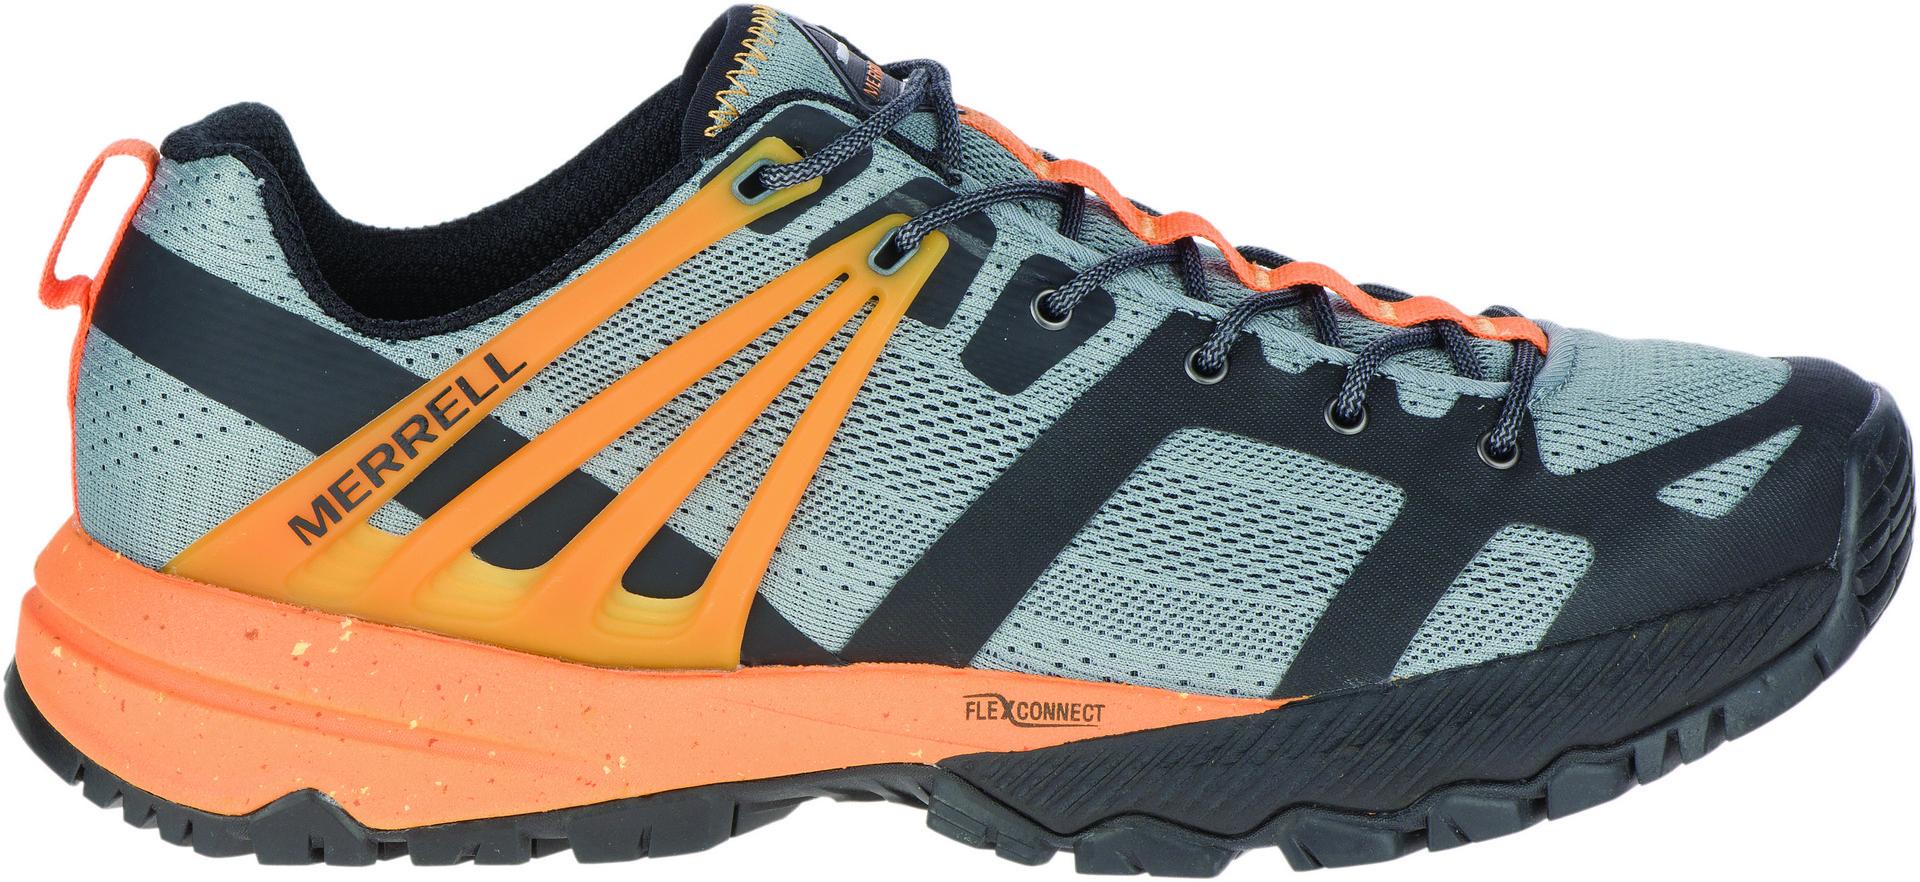 Merrell MQM ACE, pohodni čevlji, siva